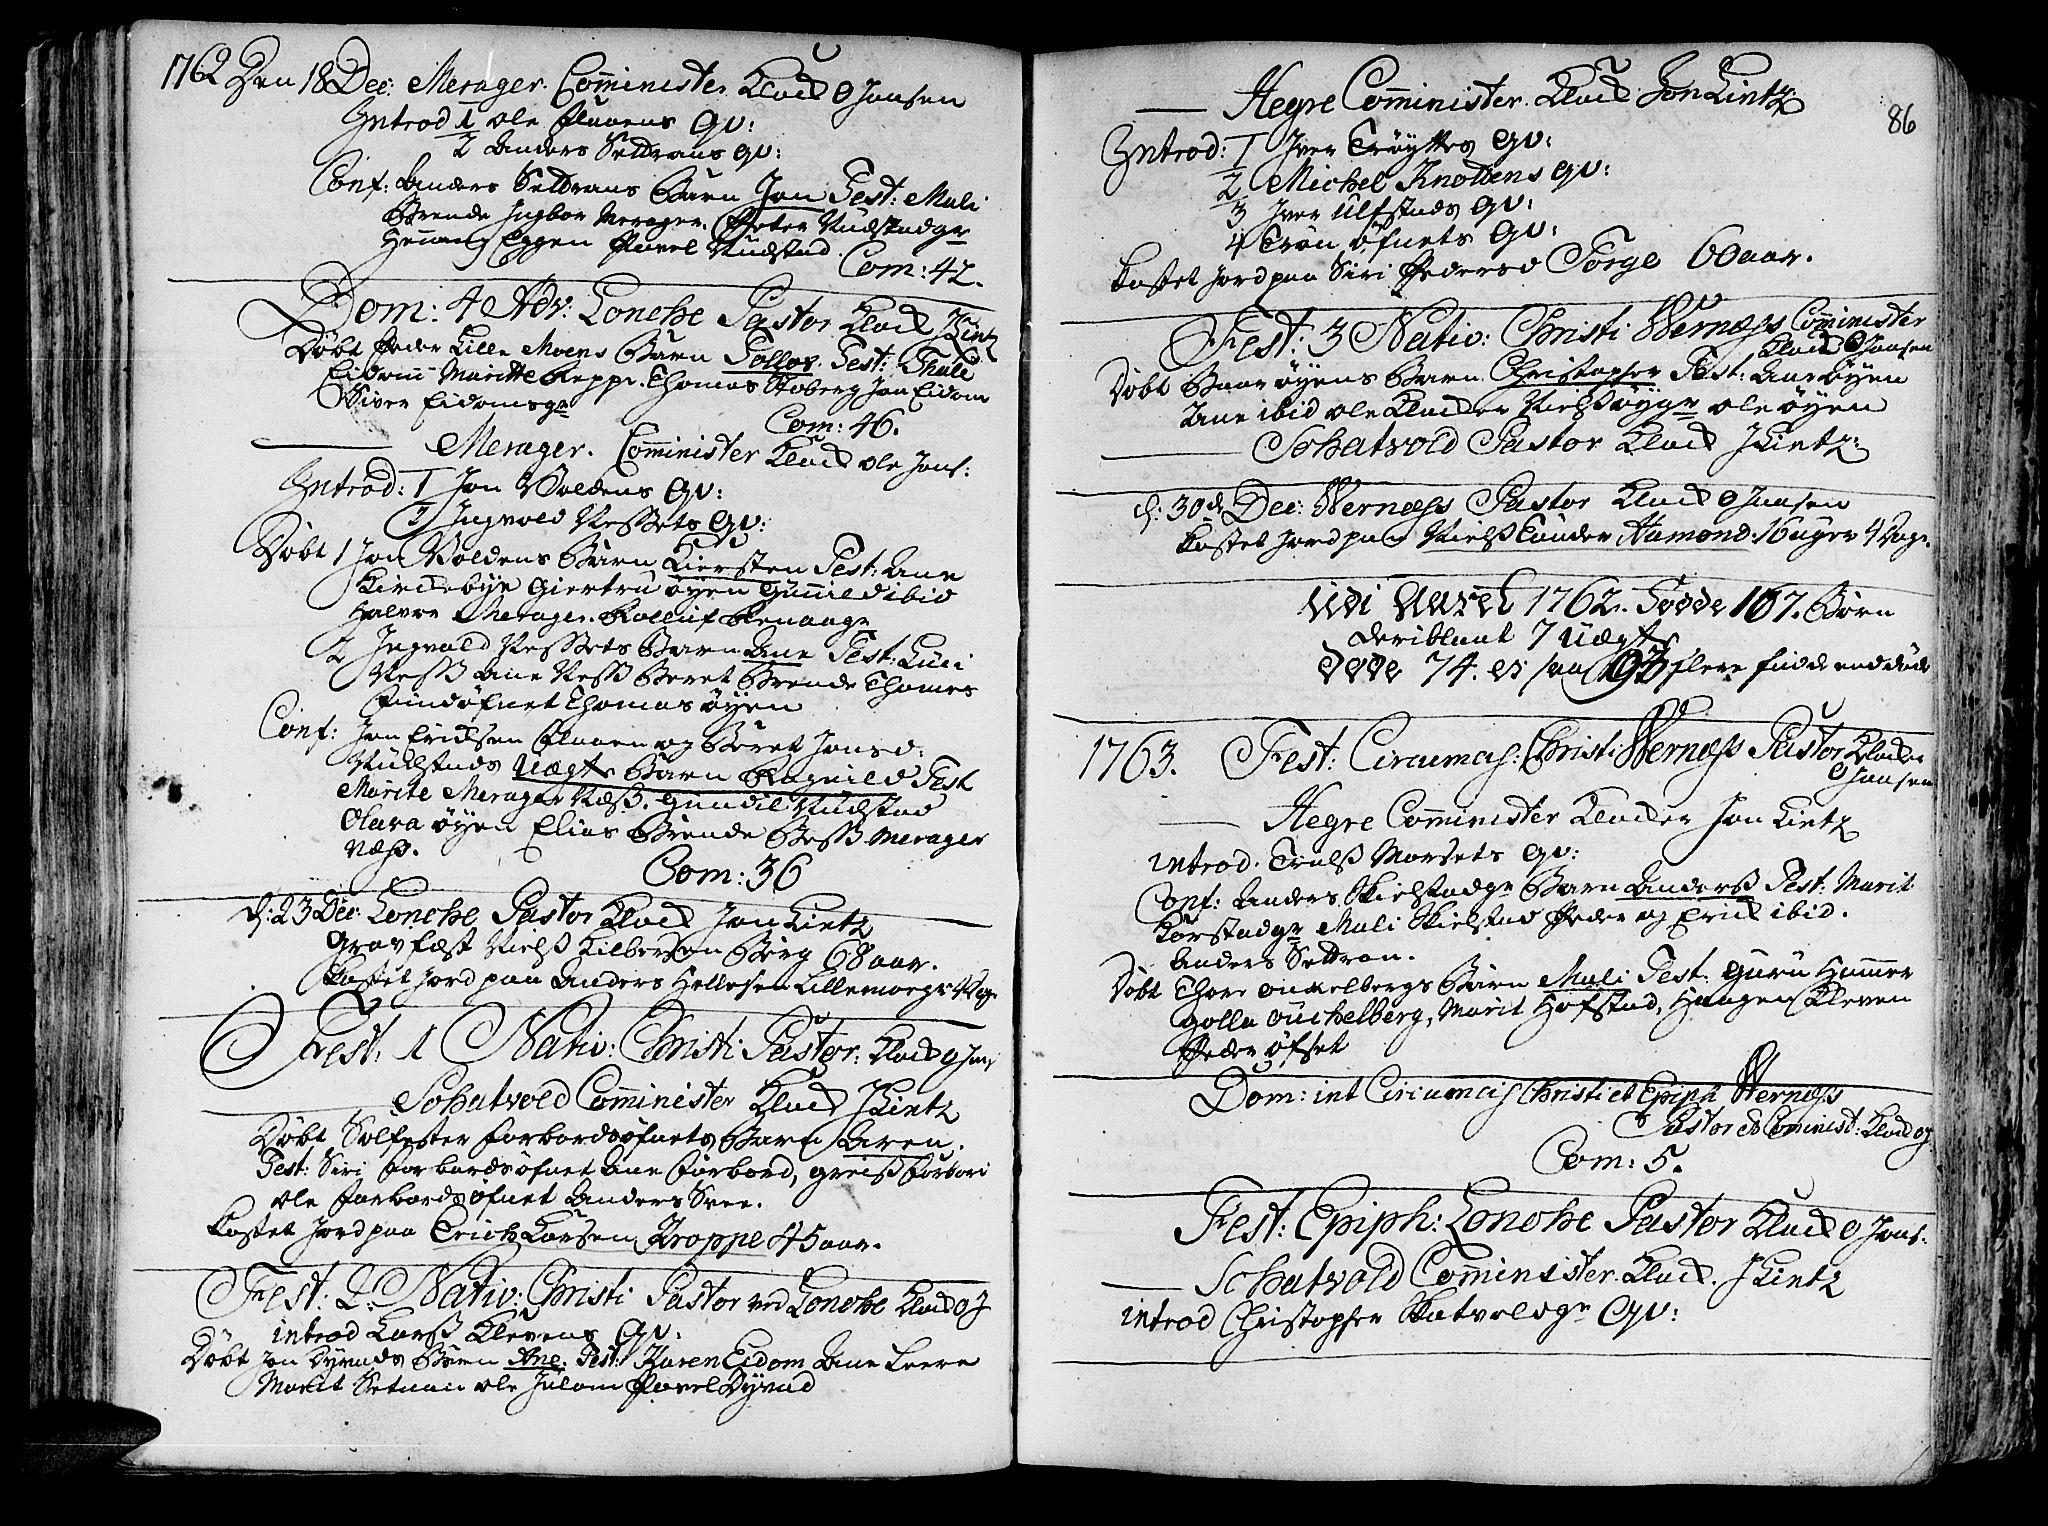 SAT, Ministerialprotokoller, klokkerbøker og fødselsregistre - Nord-Trøndelag, 709/L0057: Ministerialbok nr. 709A05, 1755-1780, s. 86